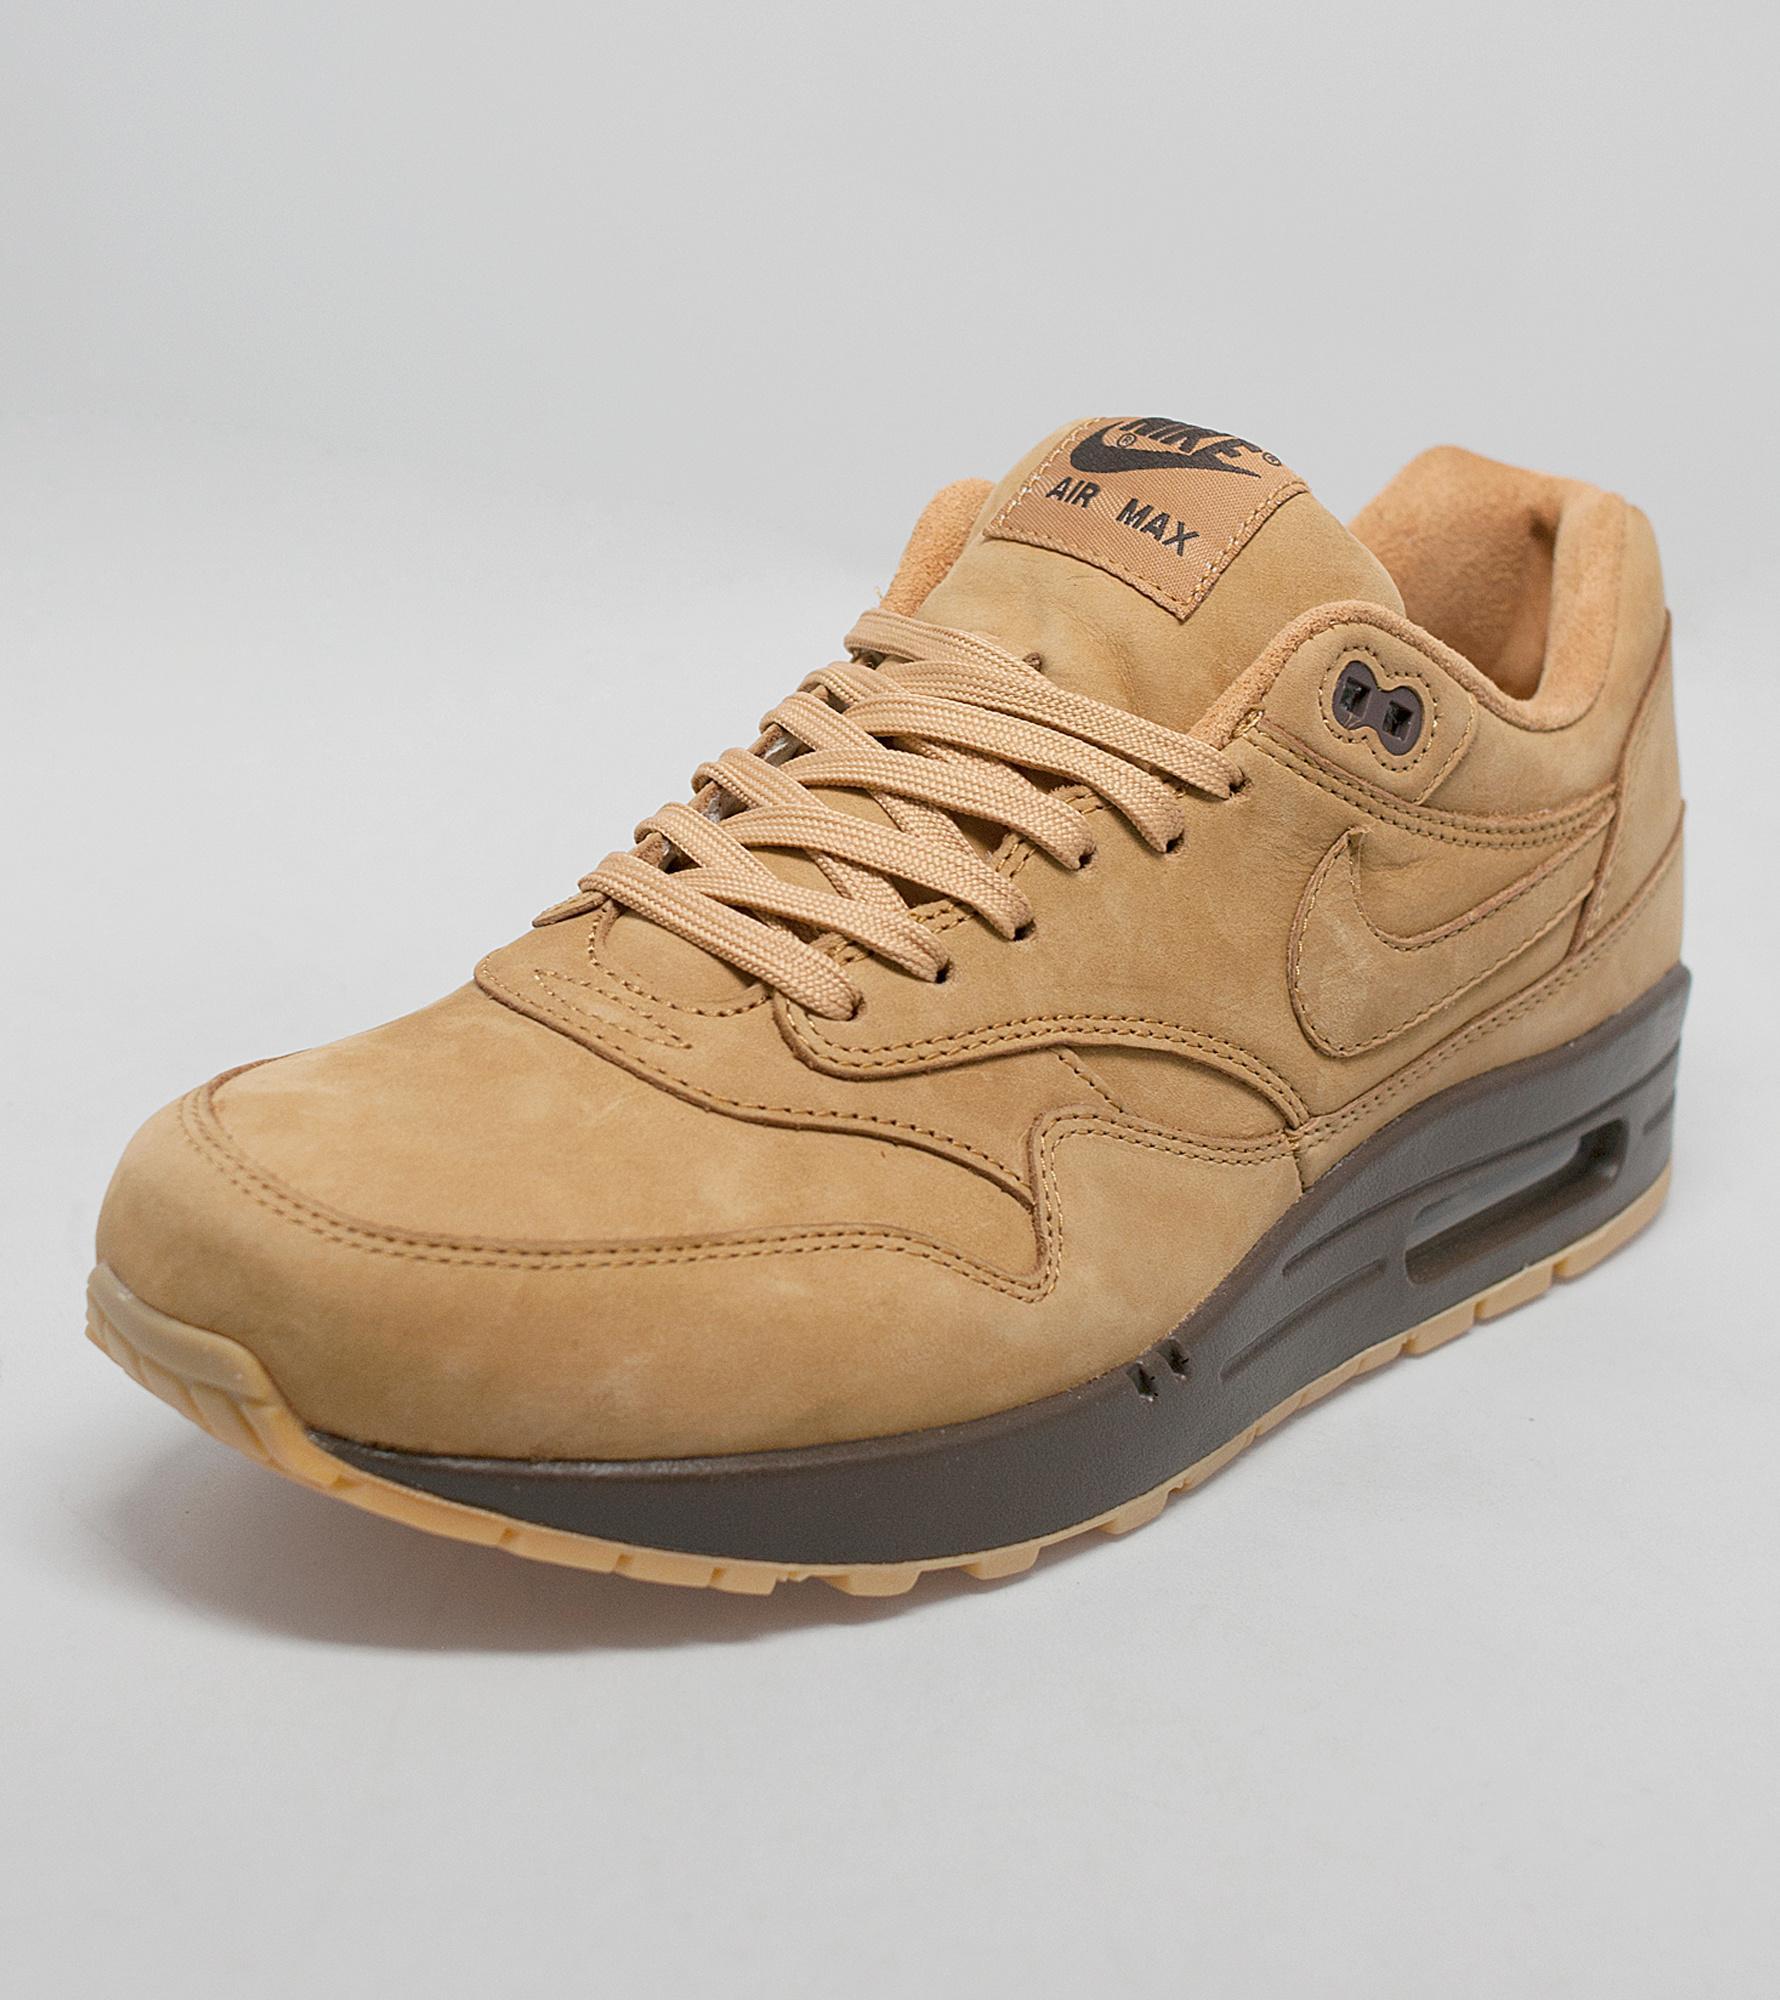 Nike Air Max 1 Qs Premium Collection De Lin 140,00 £